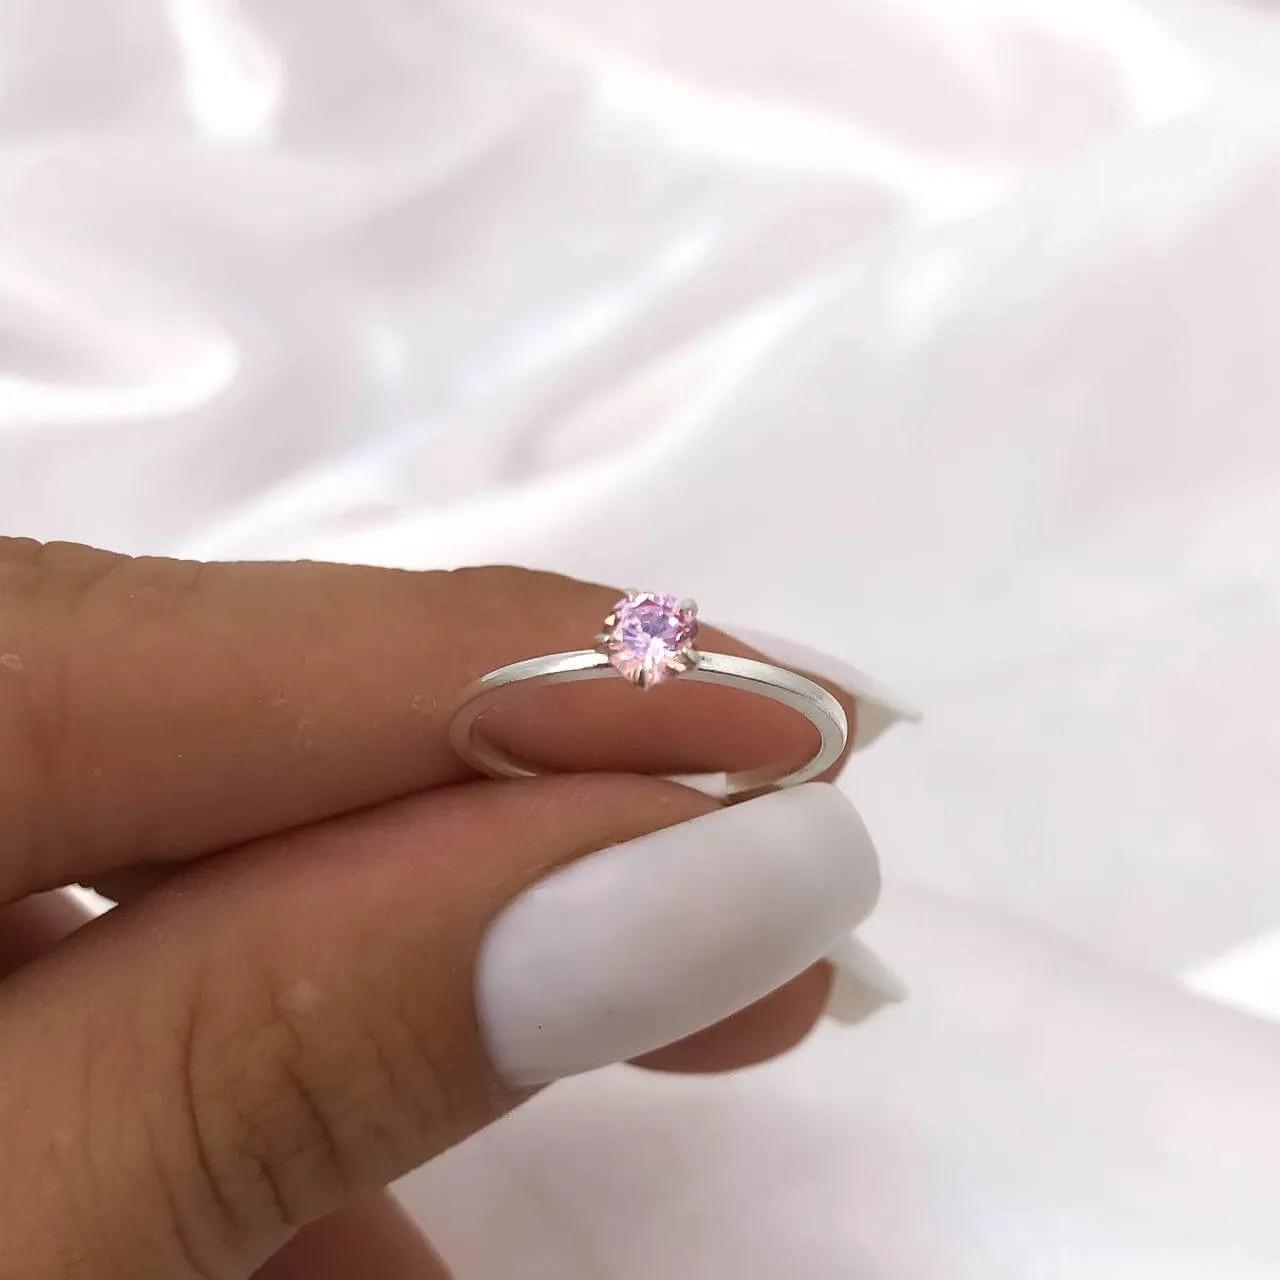 Anel Solitário Lure em Prata 925 (Pedra baixa rosa claro)